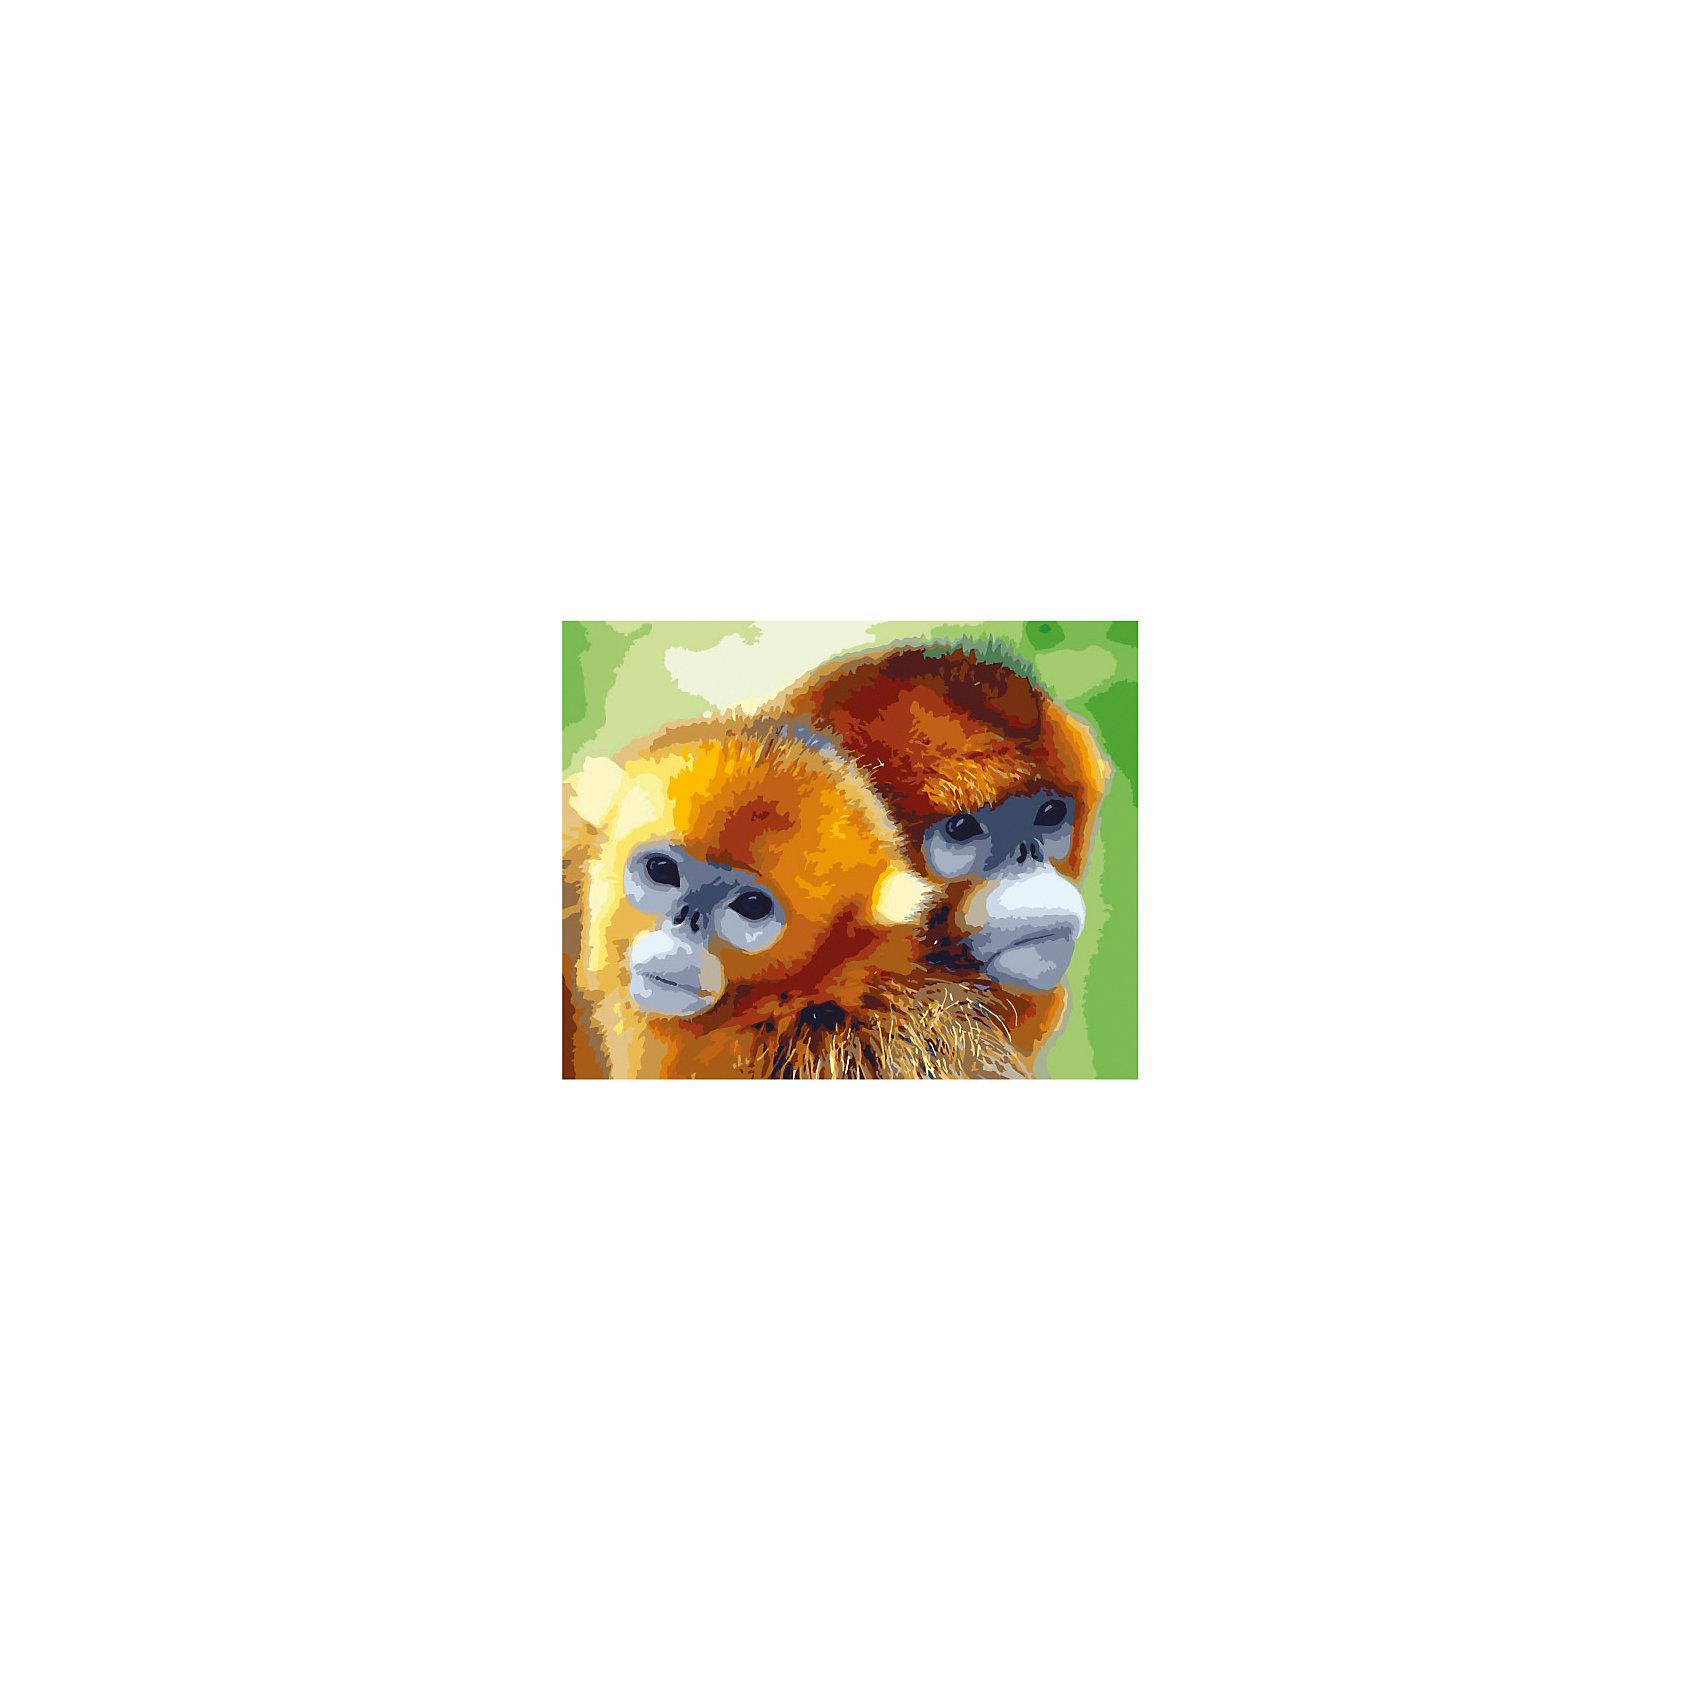 Роспись холста по номерам ОБЕЗЬЯНКИ, 40х50смРаскраски по номерам<br>Добро пожаловать в мир Креатто! Даже если вы никогда не ощущали в себе дара художника, у вас легко получится создать прекрасную картину «Обезьянки». Сделать это сможет любой человек от 7 до 99 лет. Для этого нужно раскрасить пронумерованные фрагменты рисунка пронумерованными цветами красок, которые ровно ложатся на холст и тщательно закрашивают контуры. Рисунок можно сделать интереснее: создайте прозрачность красок, разбавив их водой, и специальные эффекты, раскрасив рисунок в несколько слоев. А если вы что-то напутаете, то исправить ошибку поможет дополнительная схема рисунка. Такое занятие приятно и для детей, и для взрослых. Но главное – это результат: раскрашенная картина великолепно украсит интерьер или станет потрясающим подарком. &#13;<br>В наборе для росписи холста по номерам: холст 40х50 см с нанесенным рисунком, акриловые краски (25 цветов), 3 кисточки, крепежные петли для подвешивания холста, контрольная схема рисунка. Эксклюзивный дизайн. Товар сертифицирован. 7+. Срок годности – 3 года.<br><br>Ширина мм: 500<br>Глубина мм: 400<br>Высота мм: 15<br>Вес г: 479<br>Возраст от месяцев: 84<br>Возраст до месяцев: 144<br>Пол: Унисекс<br>Возраст: Детский<br>SKU: 5016414